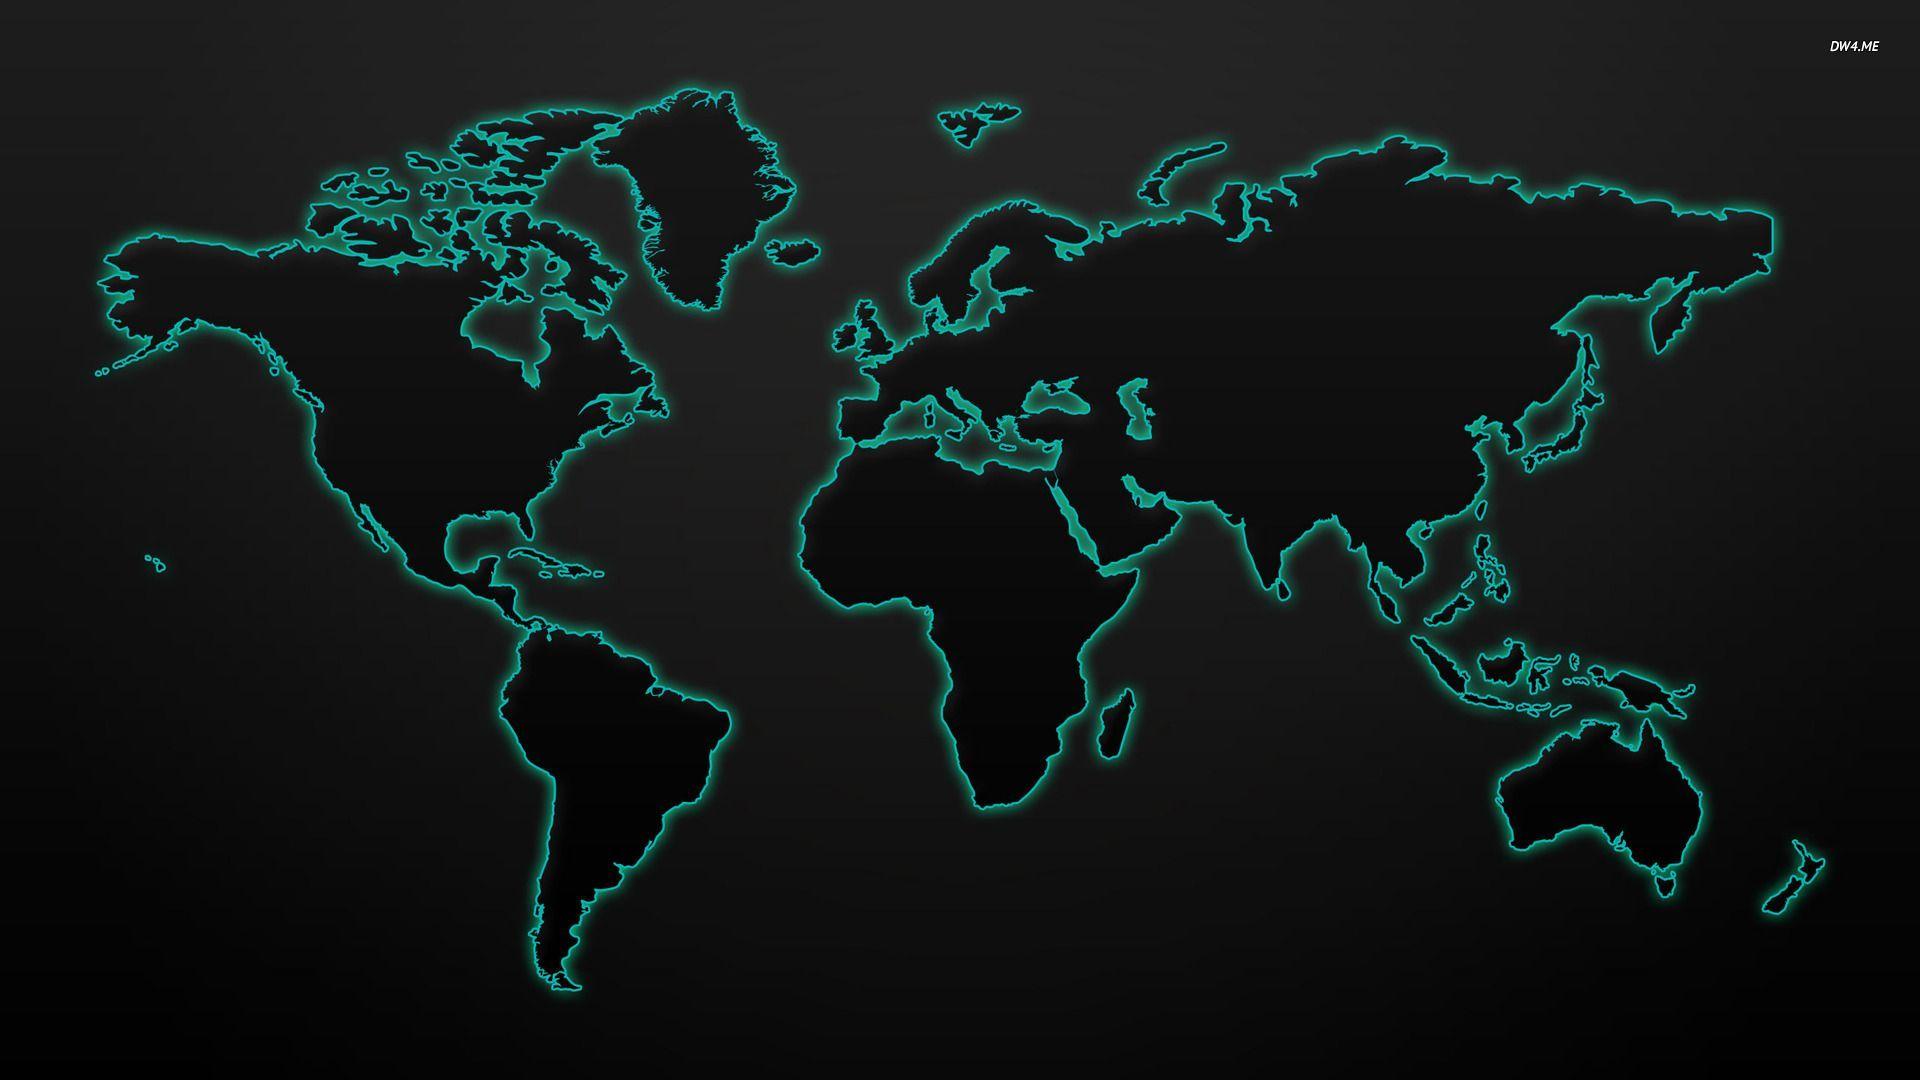 World Map computer wallpaper